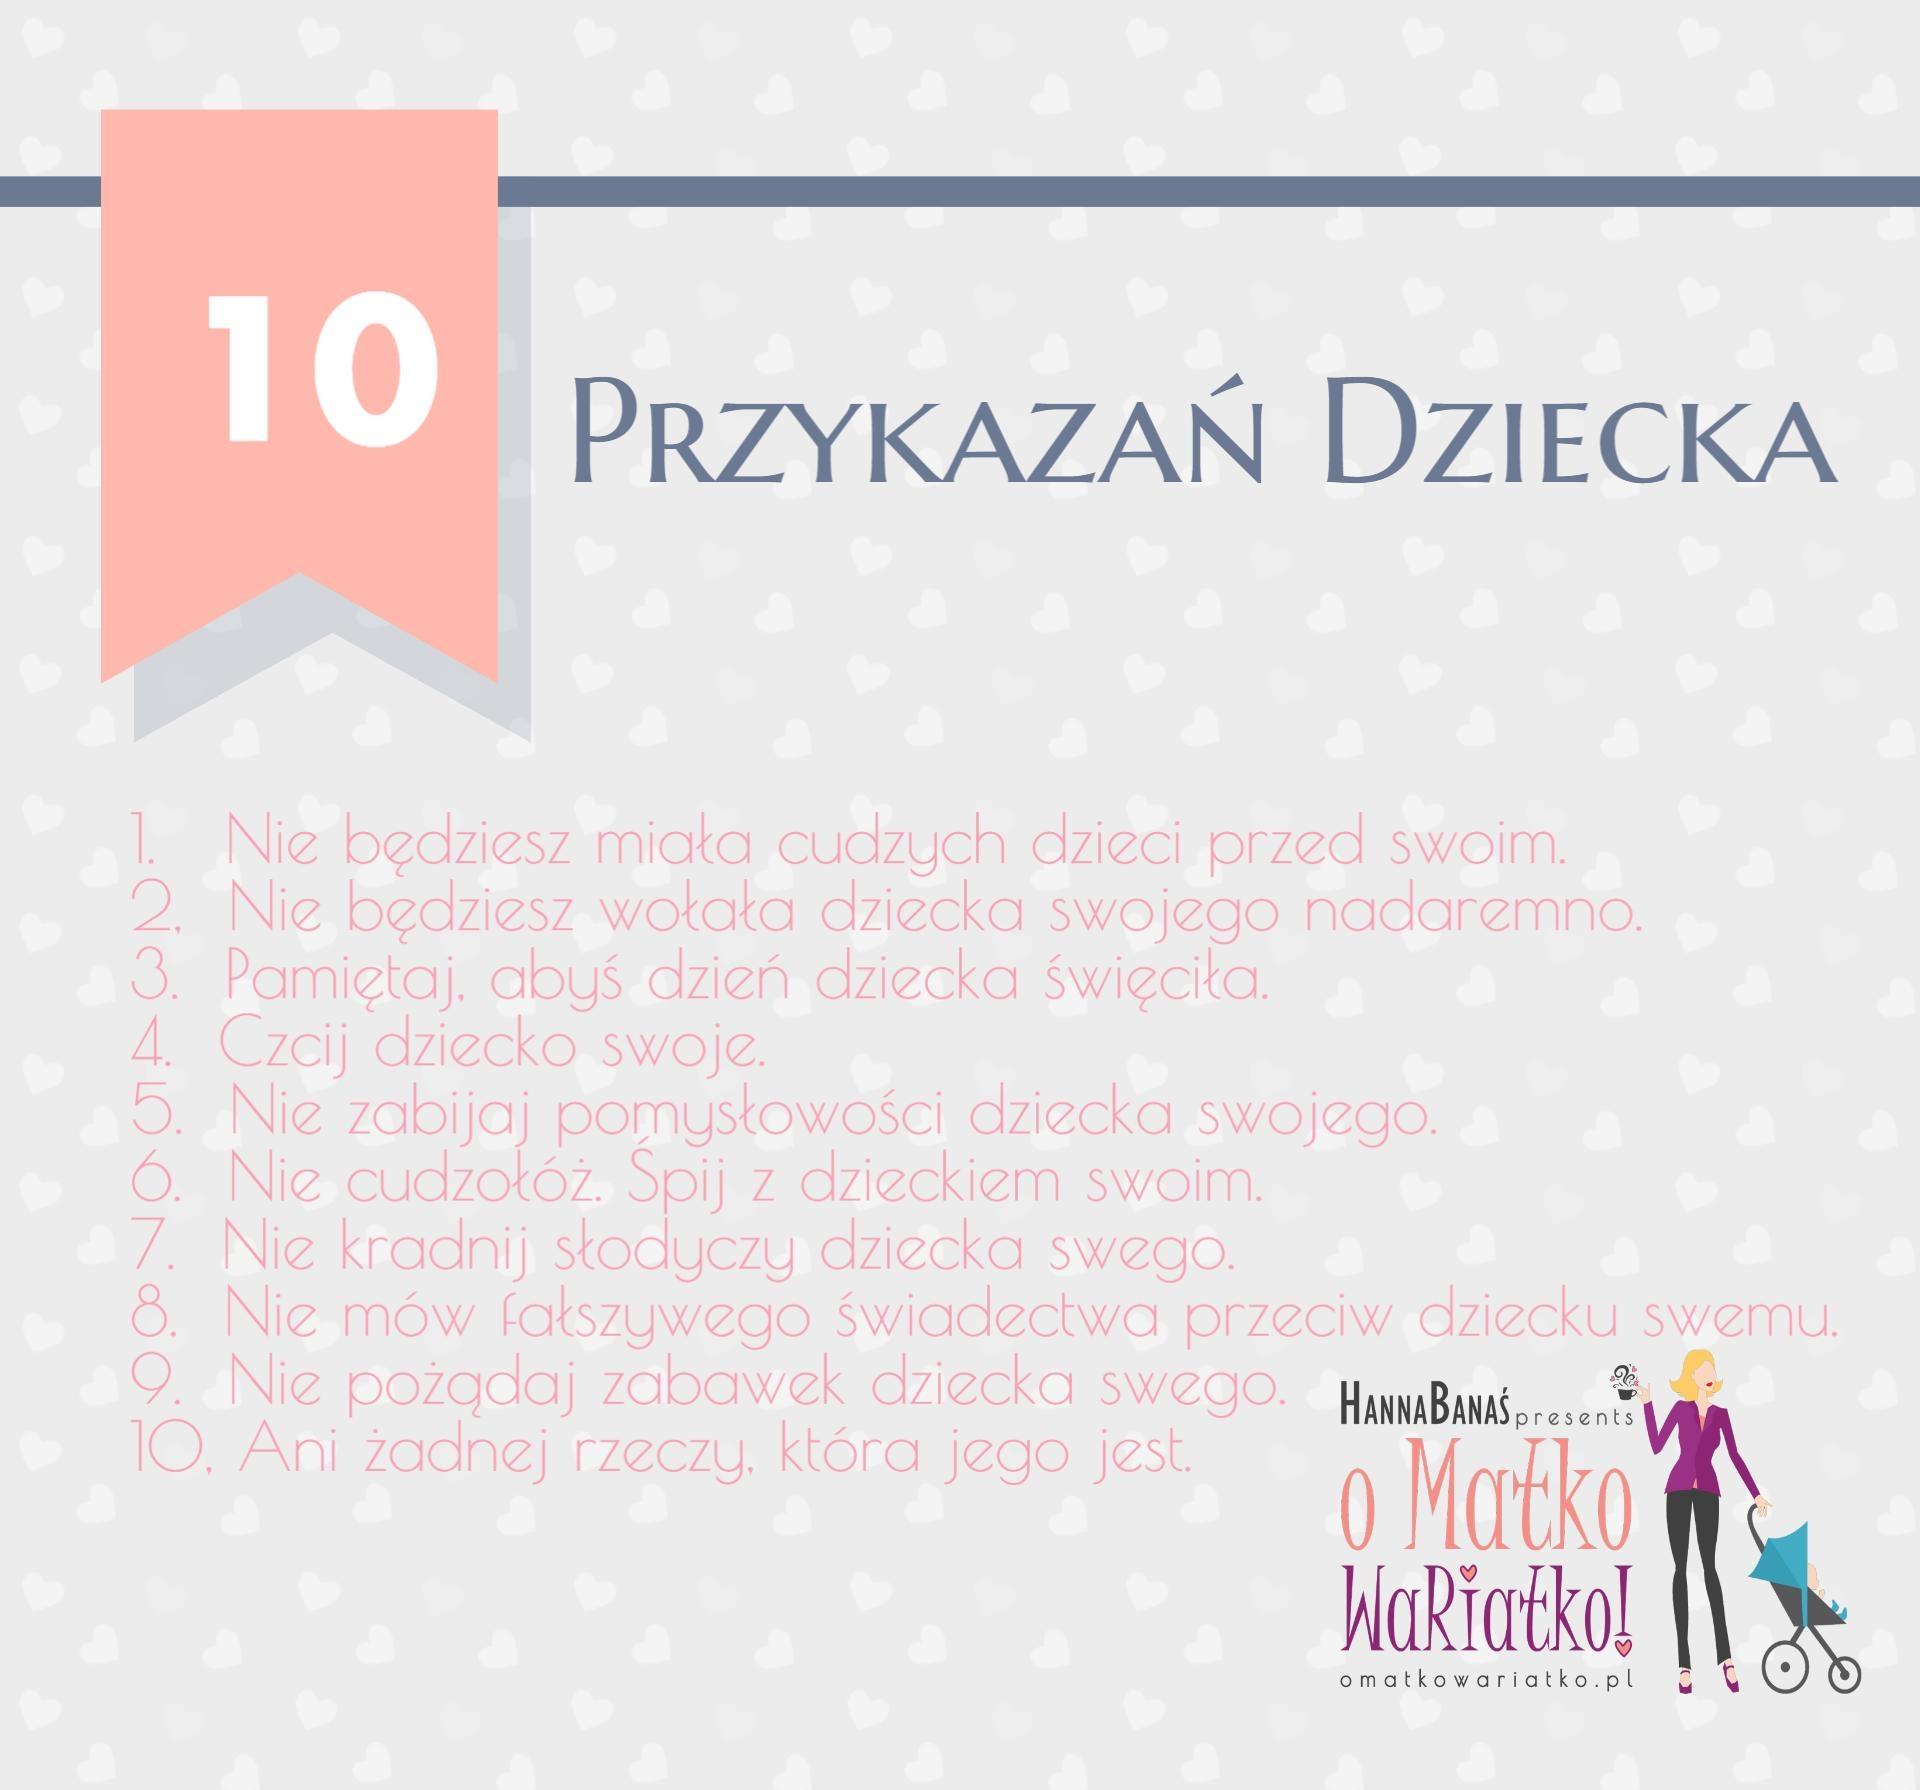 10 przykazań dziecka